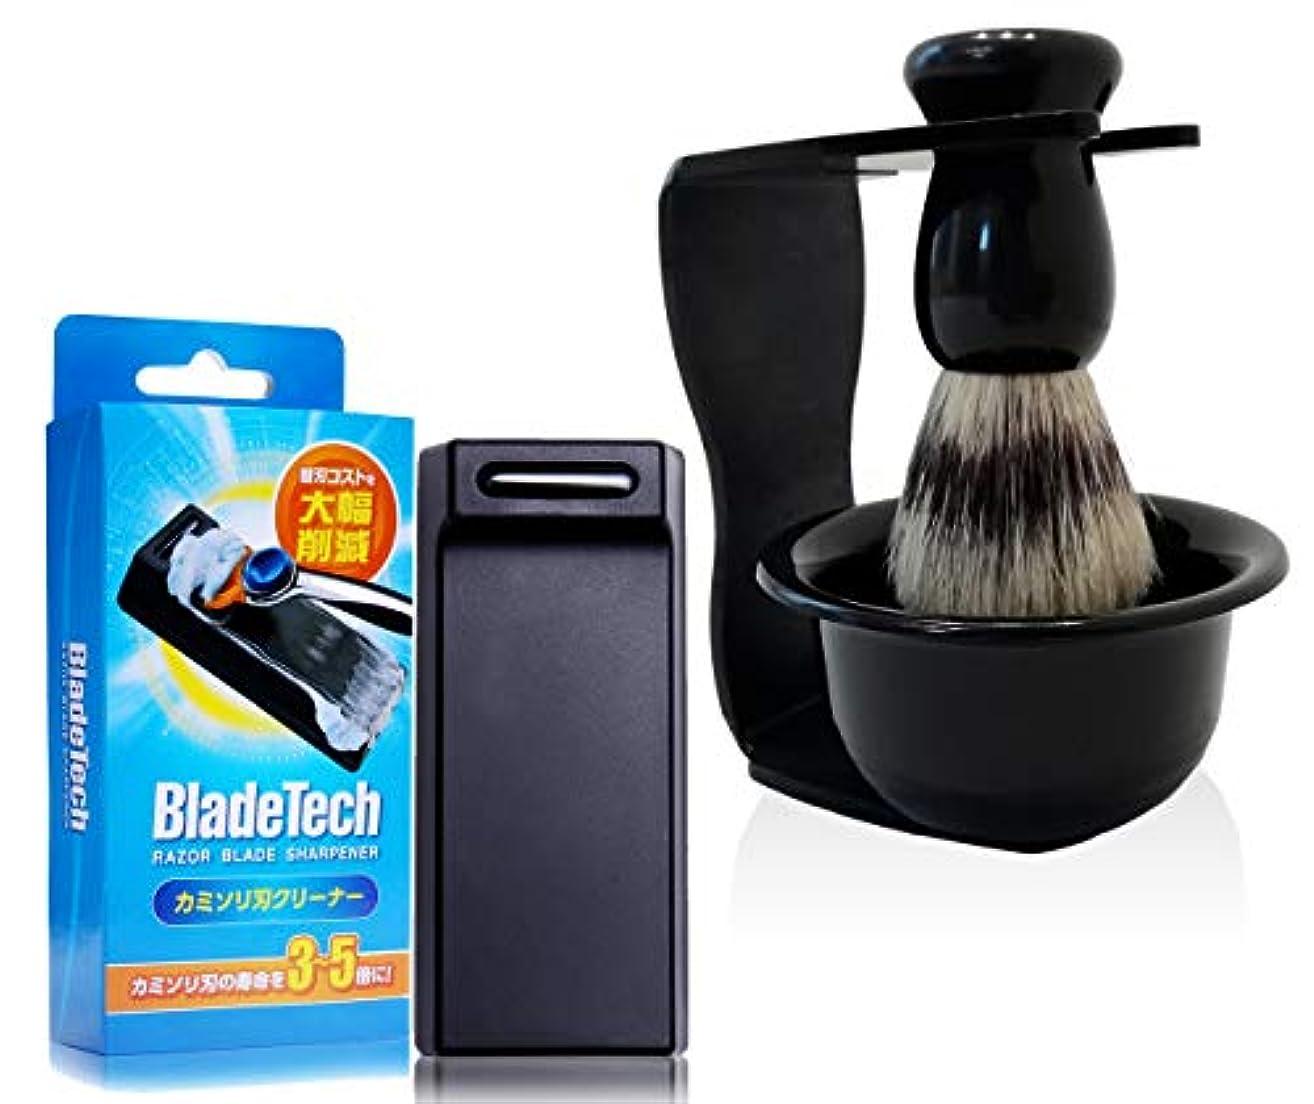 嵐アナロジーびん髭剃り シェービングツールセット (カミソリ刃クリーナー、 シェービングブラシ、 シェービングカップ?スタンド)